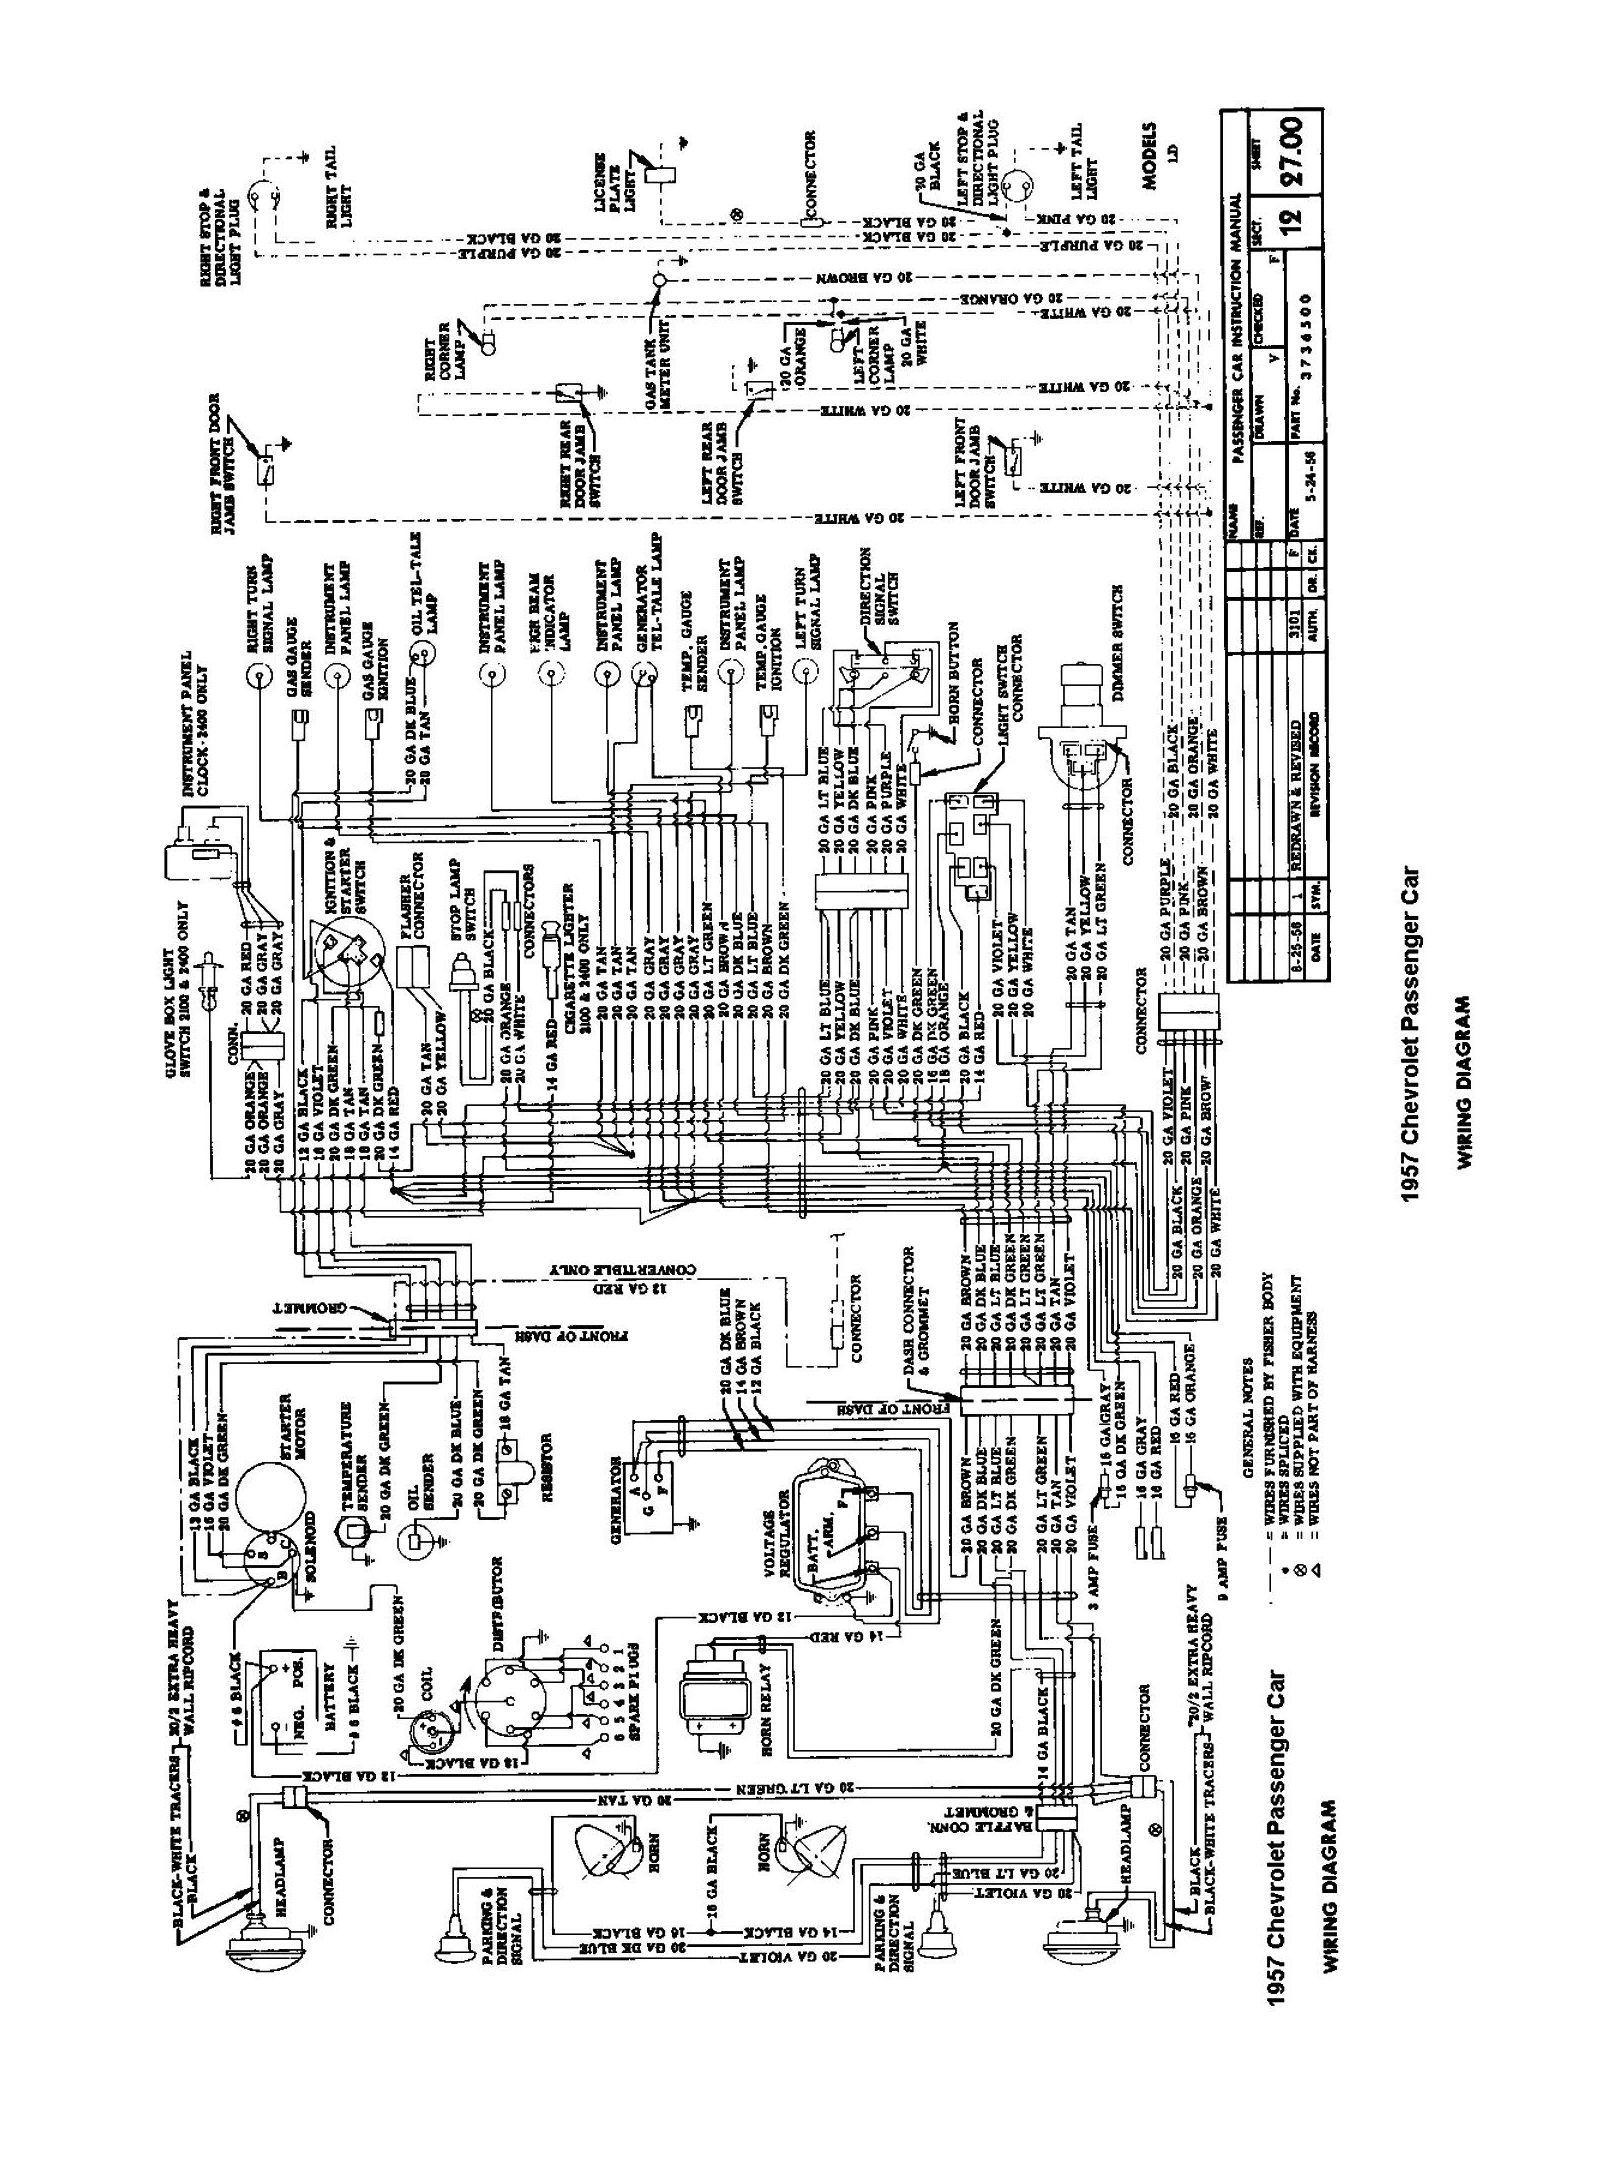 Chevy Pickup Wiring Diagram Avimarfo